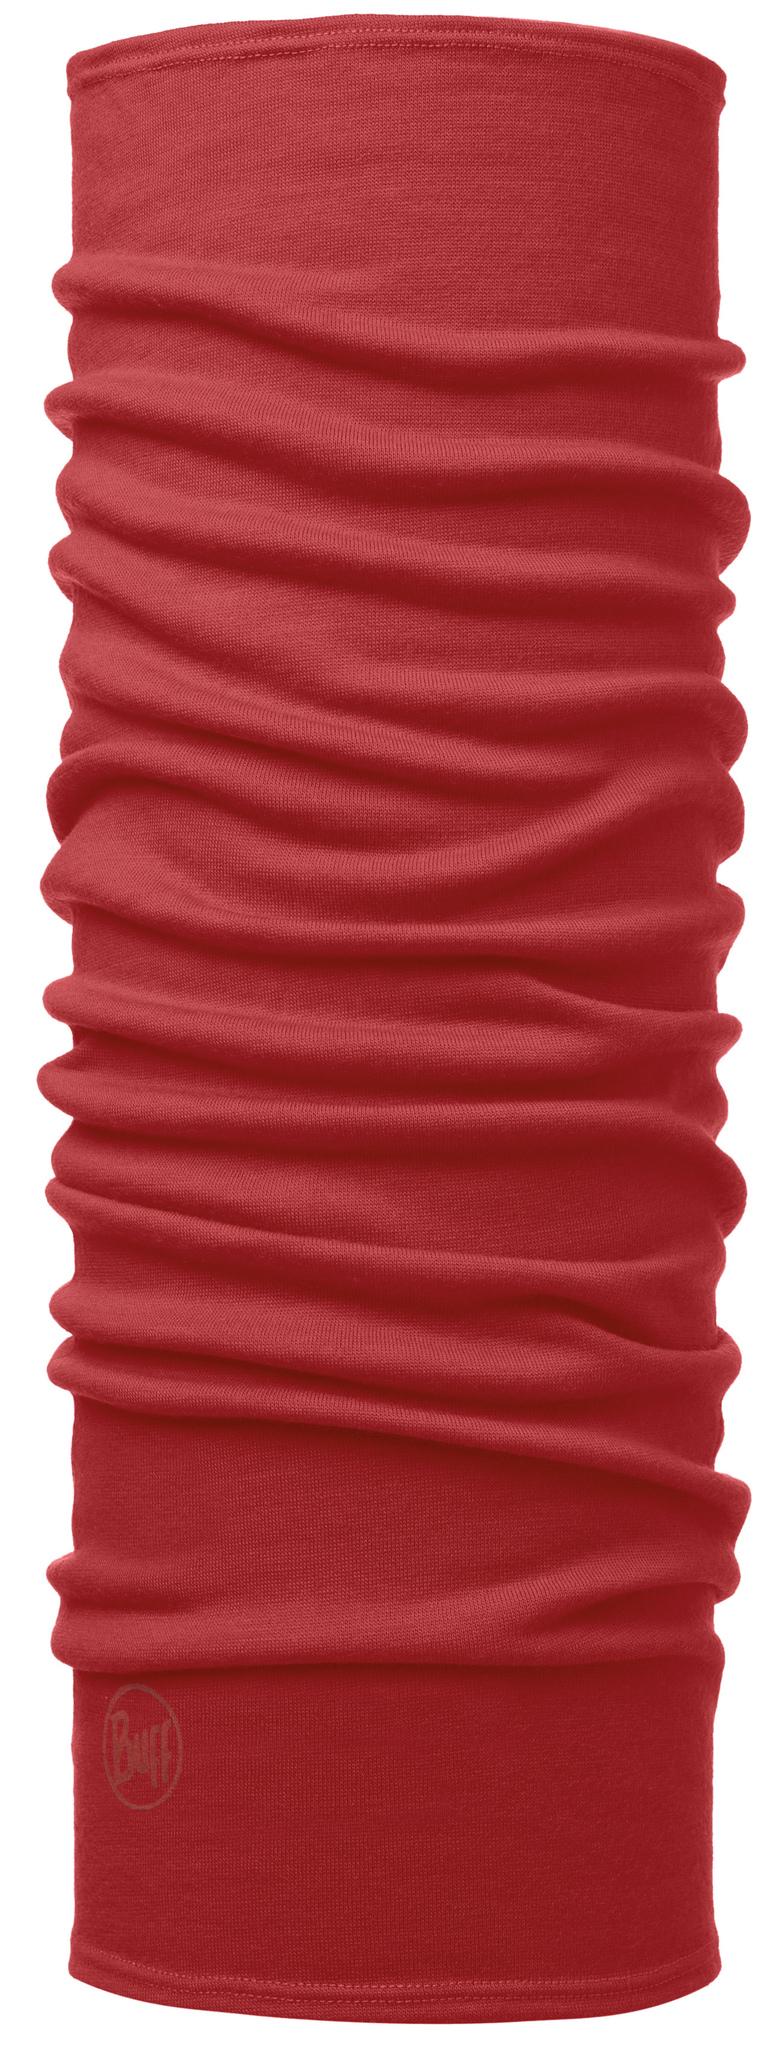 Бандана Buff Midweight Merino Wool Solid Cranberry Red